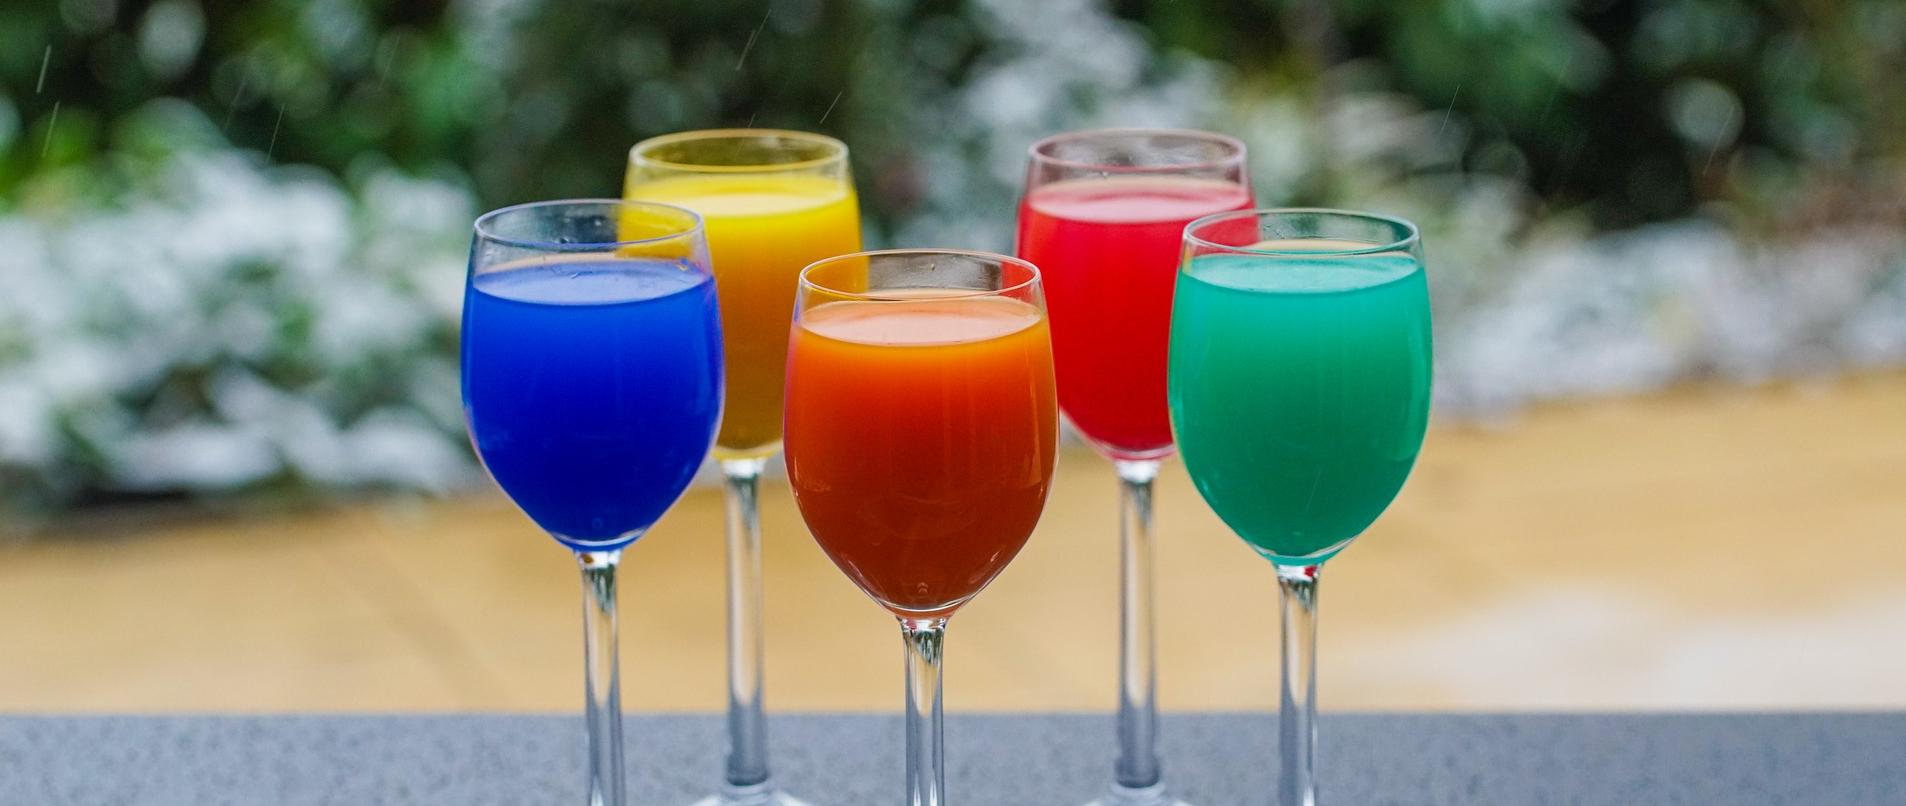 Gläser mit bunten Getränken - Anstoßen am Silversterabend